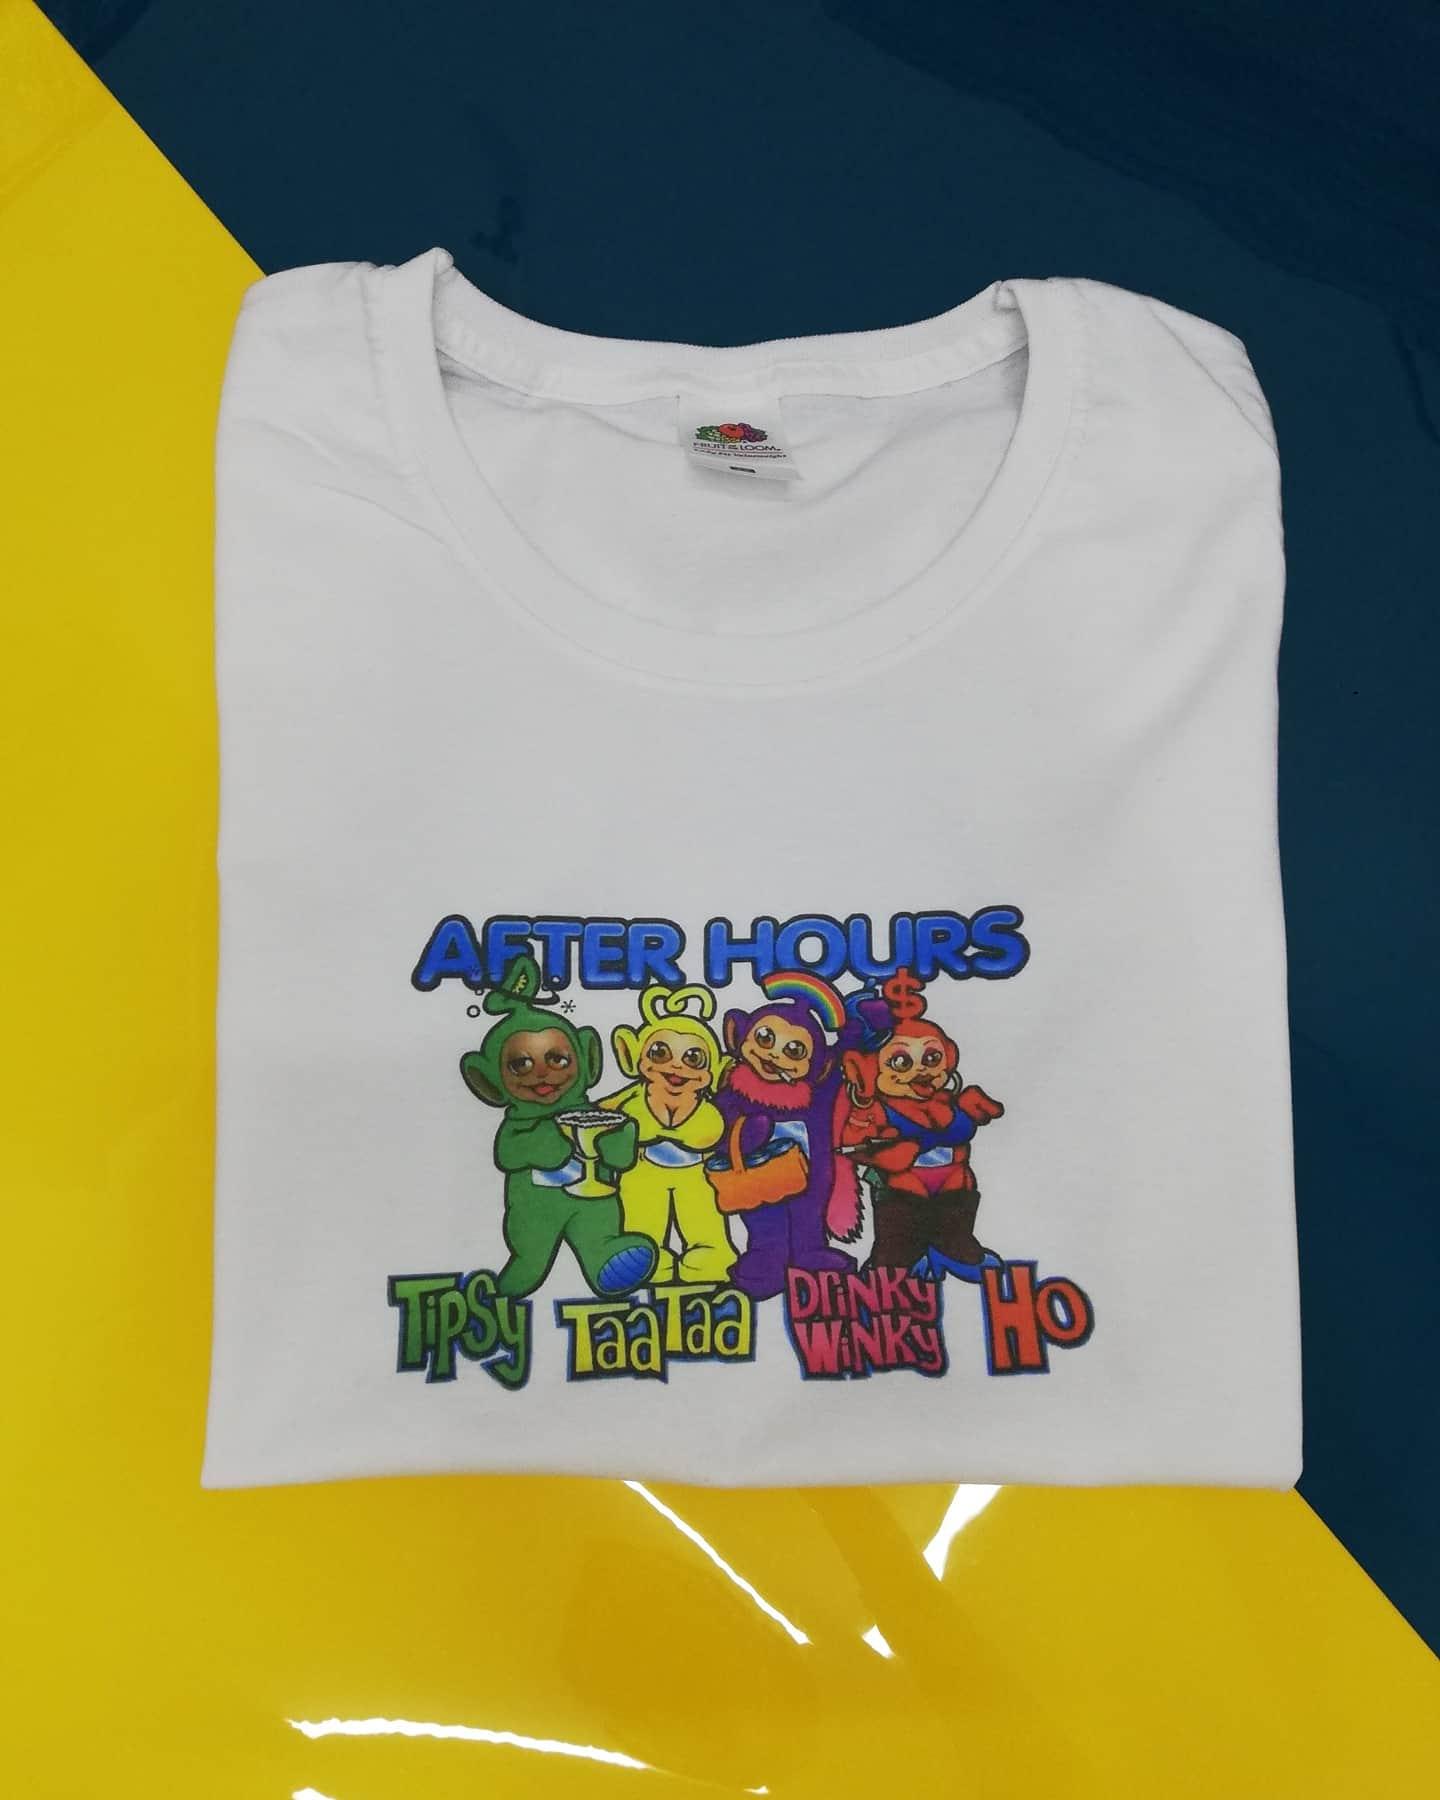 Взрослые Телепузики. Индивидуальная печать на футболке. Печать на футболках. Печать на футболках оптом. Печать Киев. Телепузики на футболке.